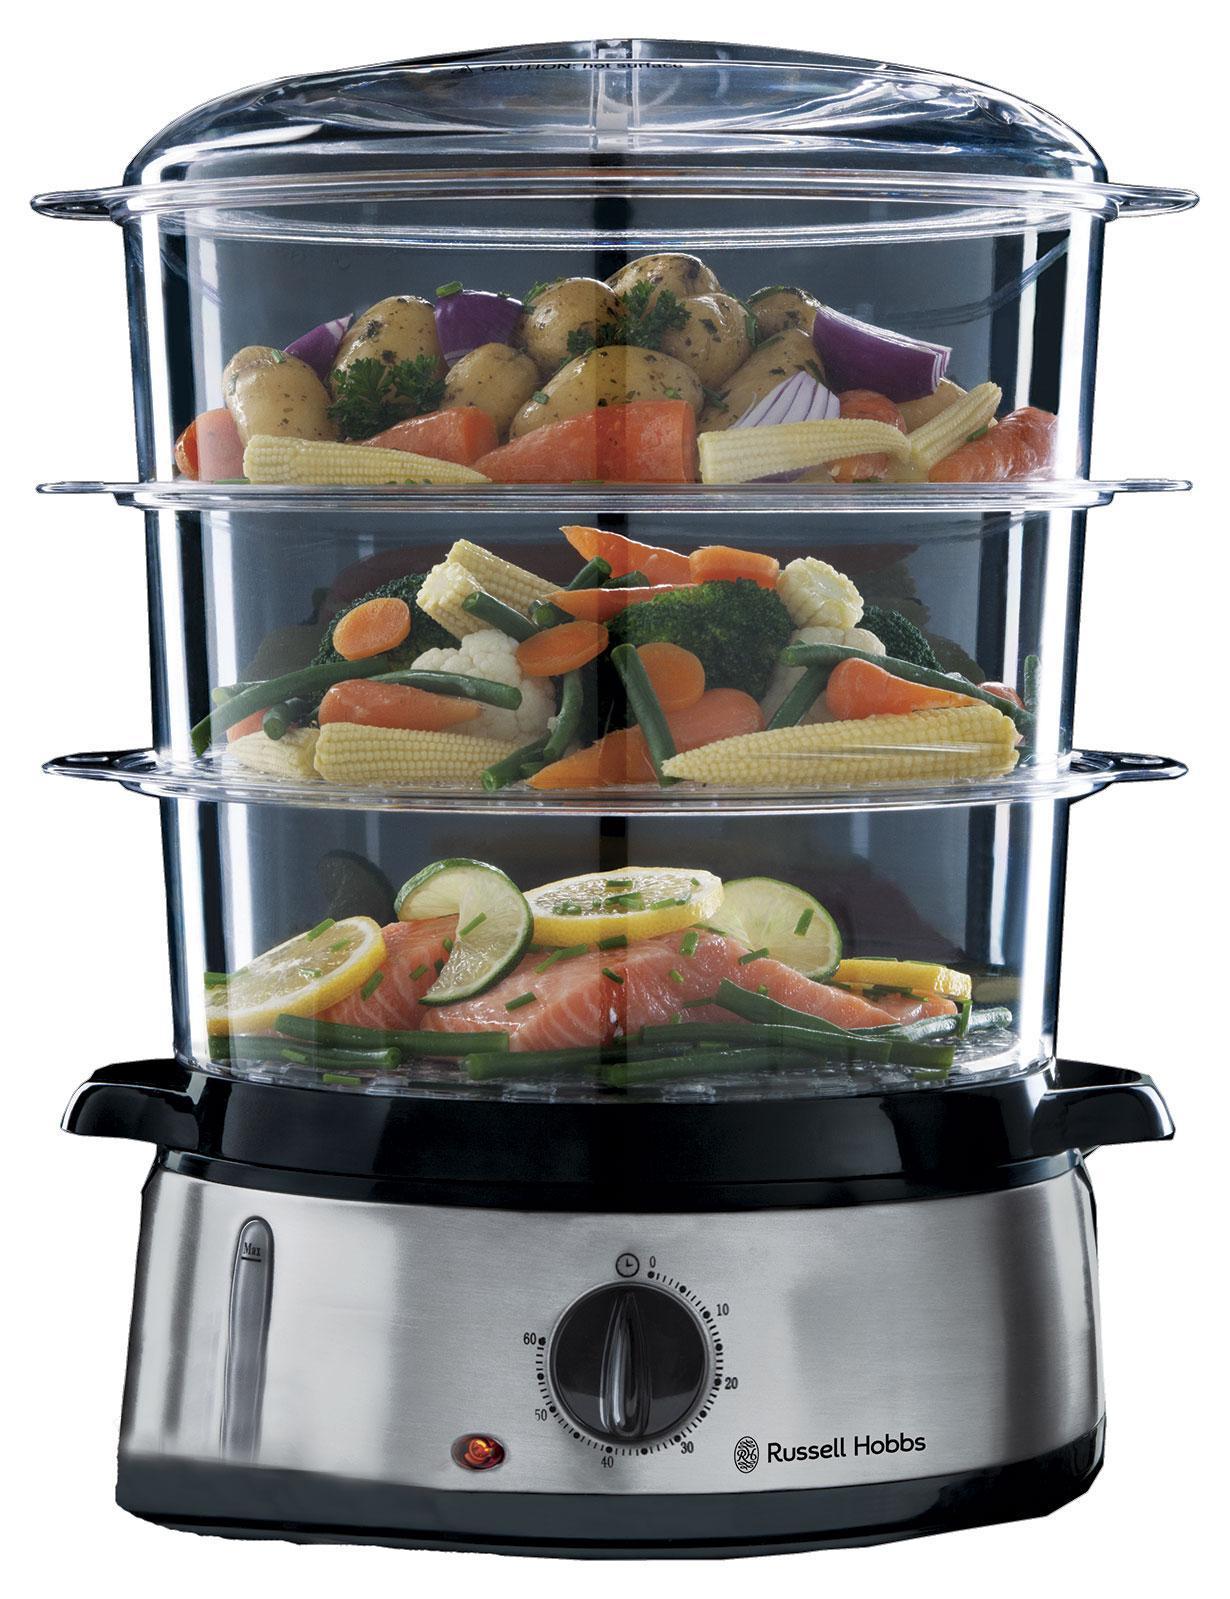 Russell Hobbs 19270-56 пароварка19270-56Эта пароварка позволяет готовить здоровую и полезную пищу, сохраняющую максимум питательных веществ и витаминов. Трехуровневая система позволяет готовить несколько различных видов блюд одновременно, включая рис, овощи и рыбу.